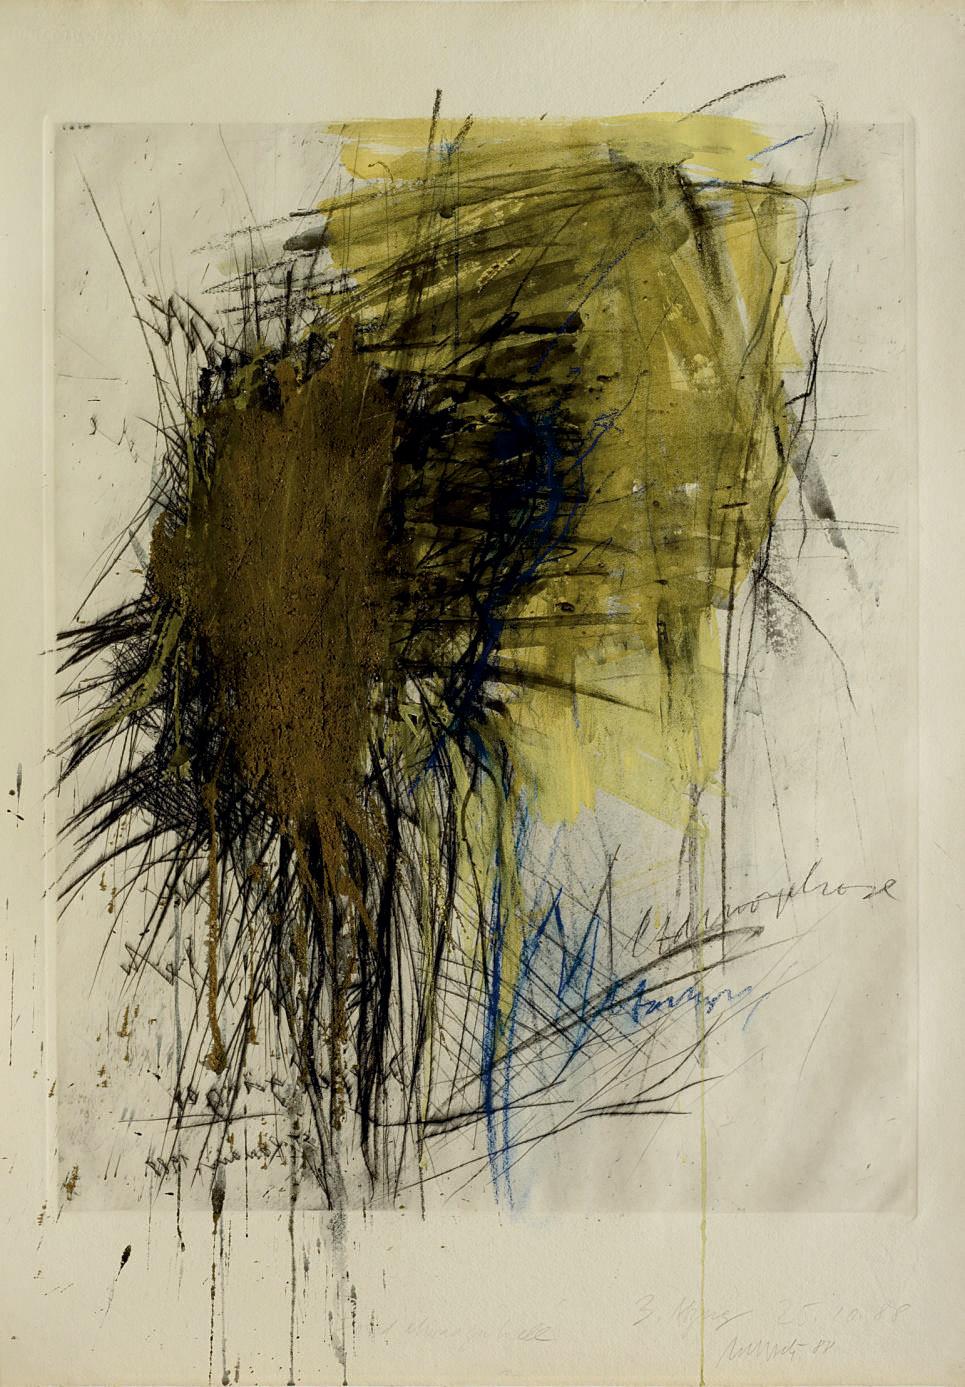 Kaltnadel überarbeitet mit Erde III, 1988